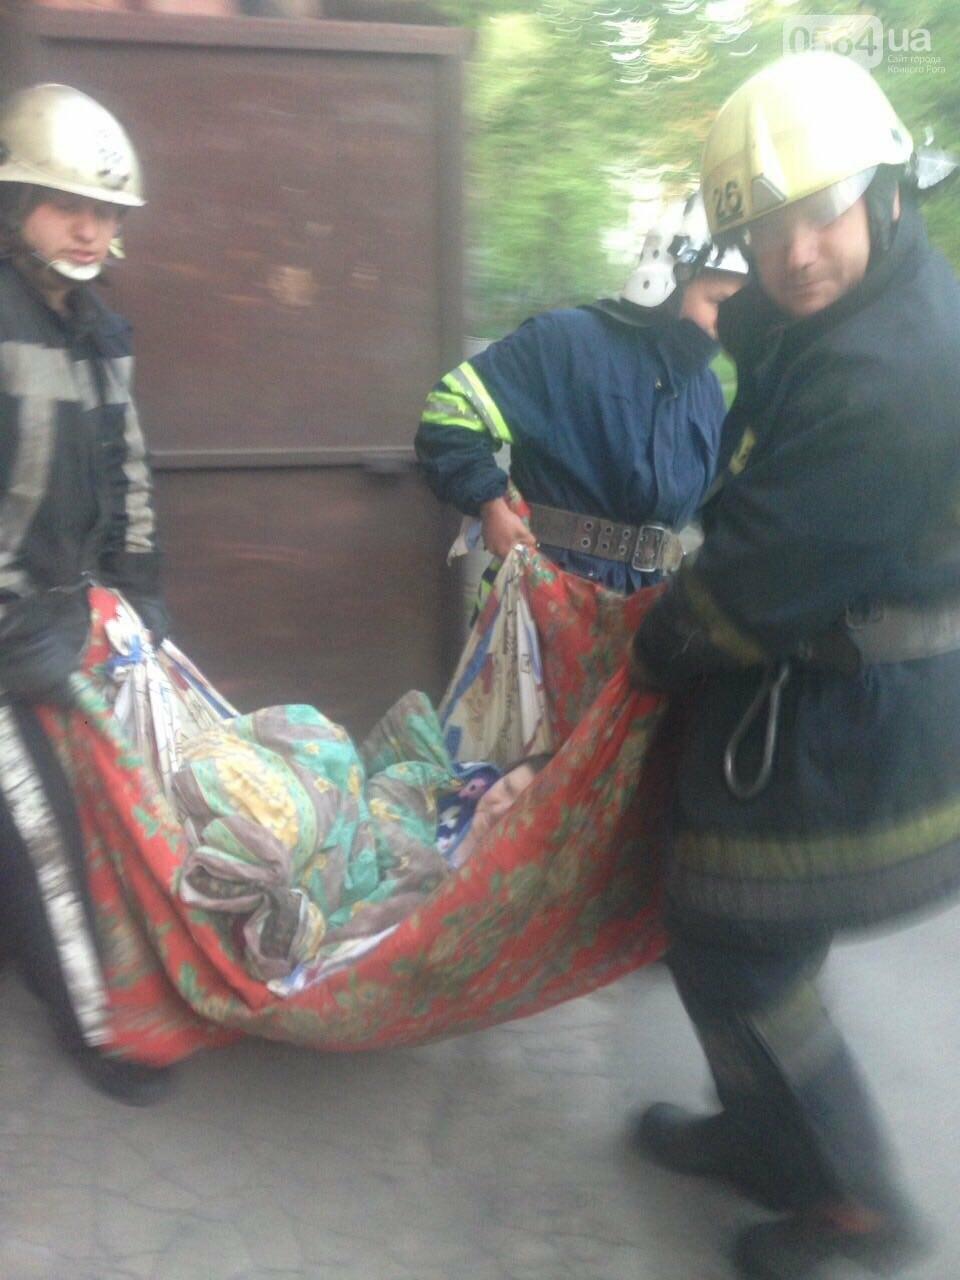 В Кривом Роге спасатели вынесли из горящей квартиры пенсионерку (ФОТО) , фото-3